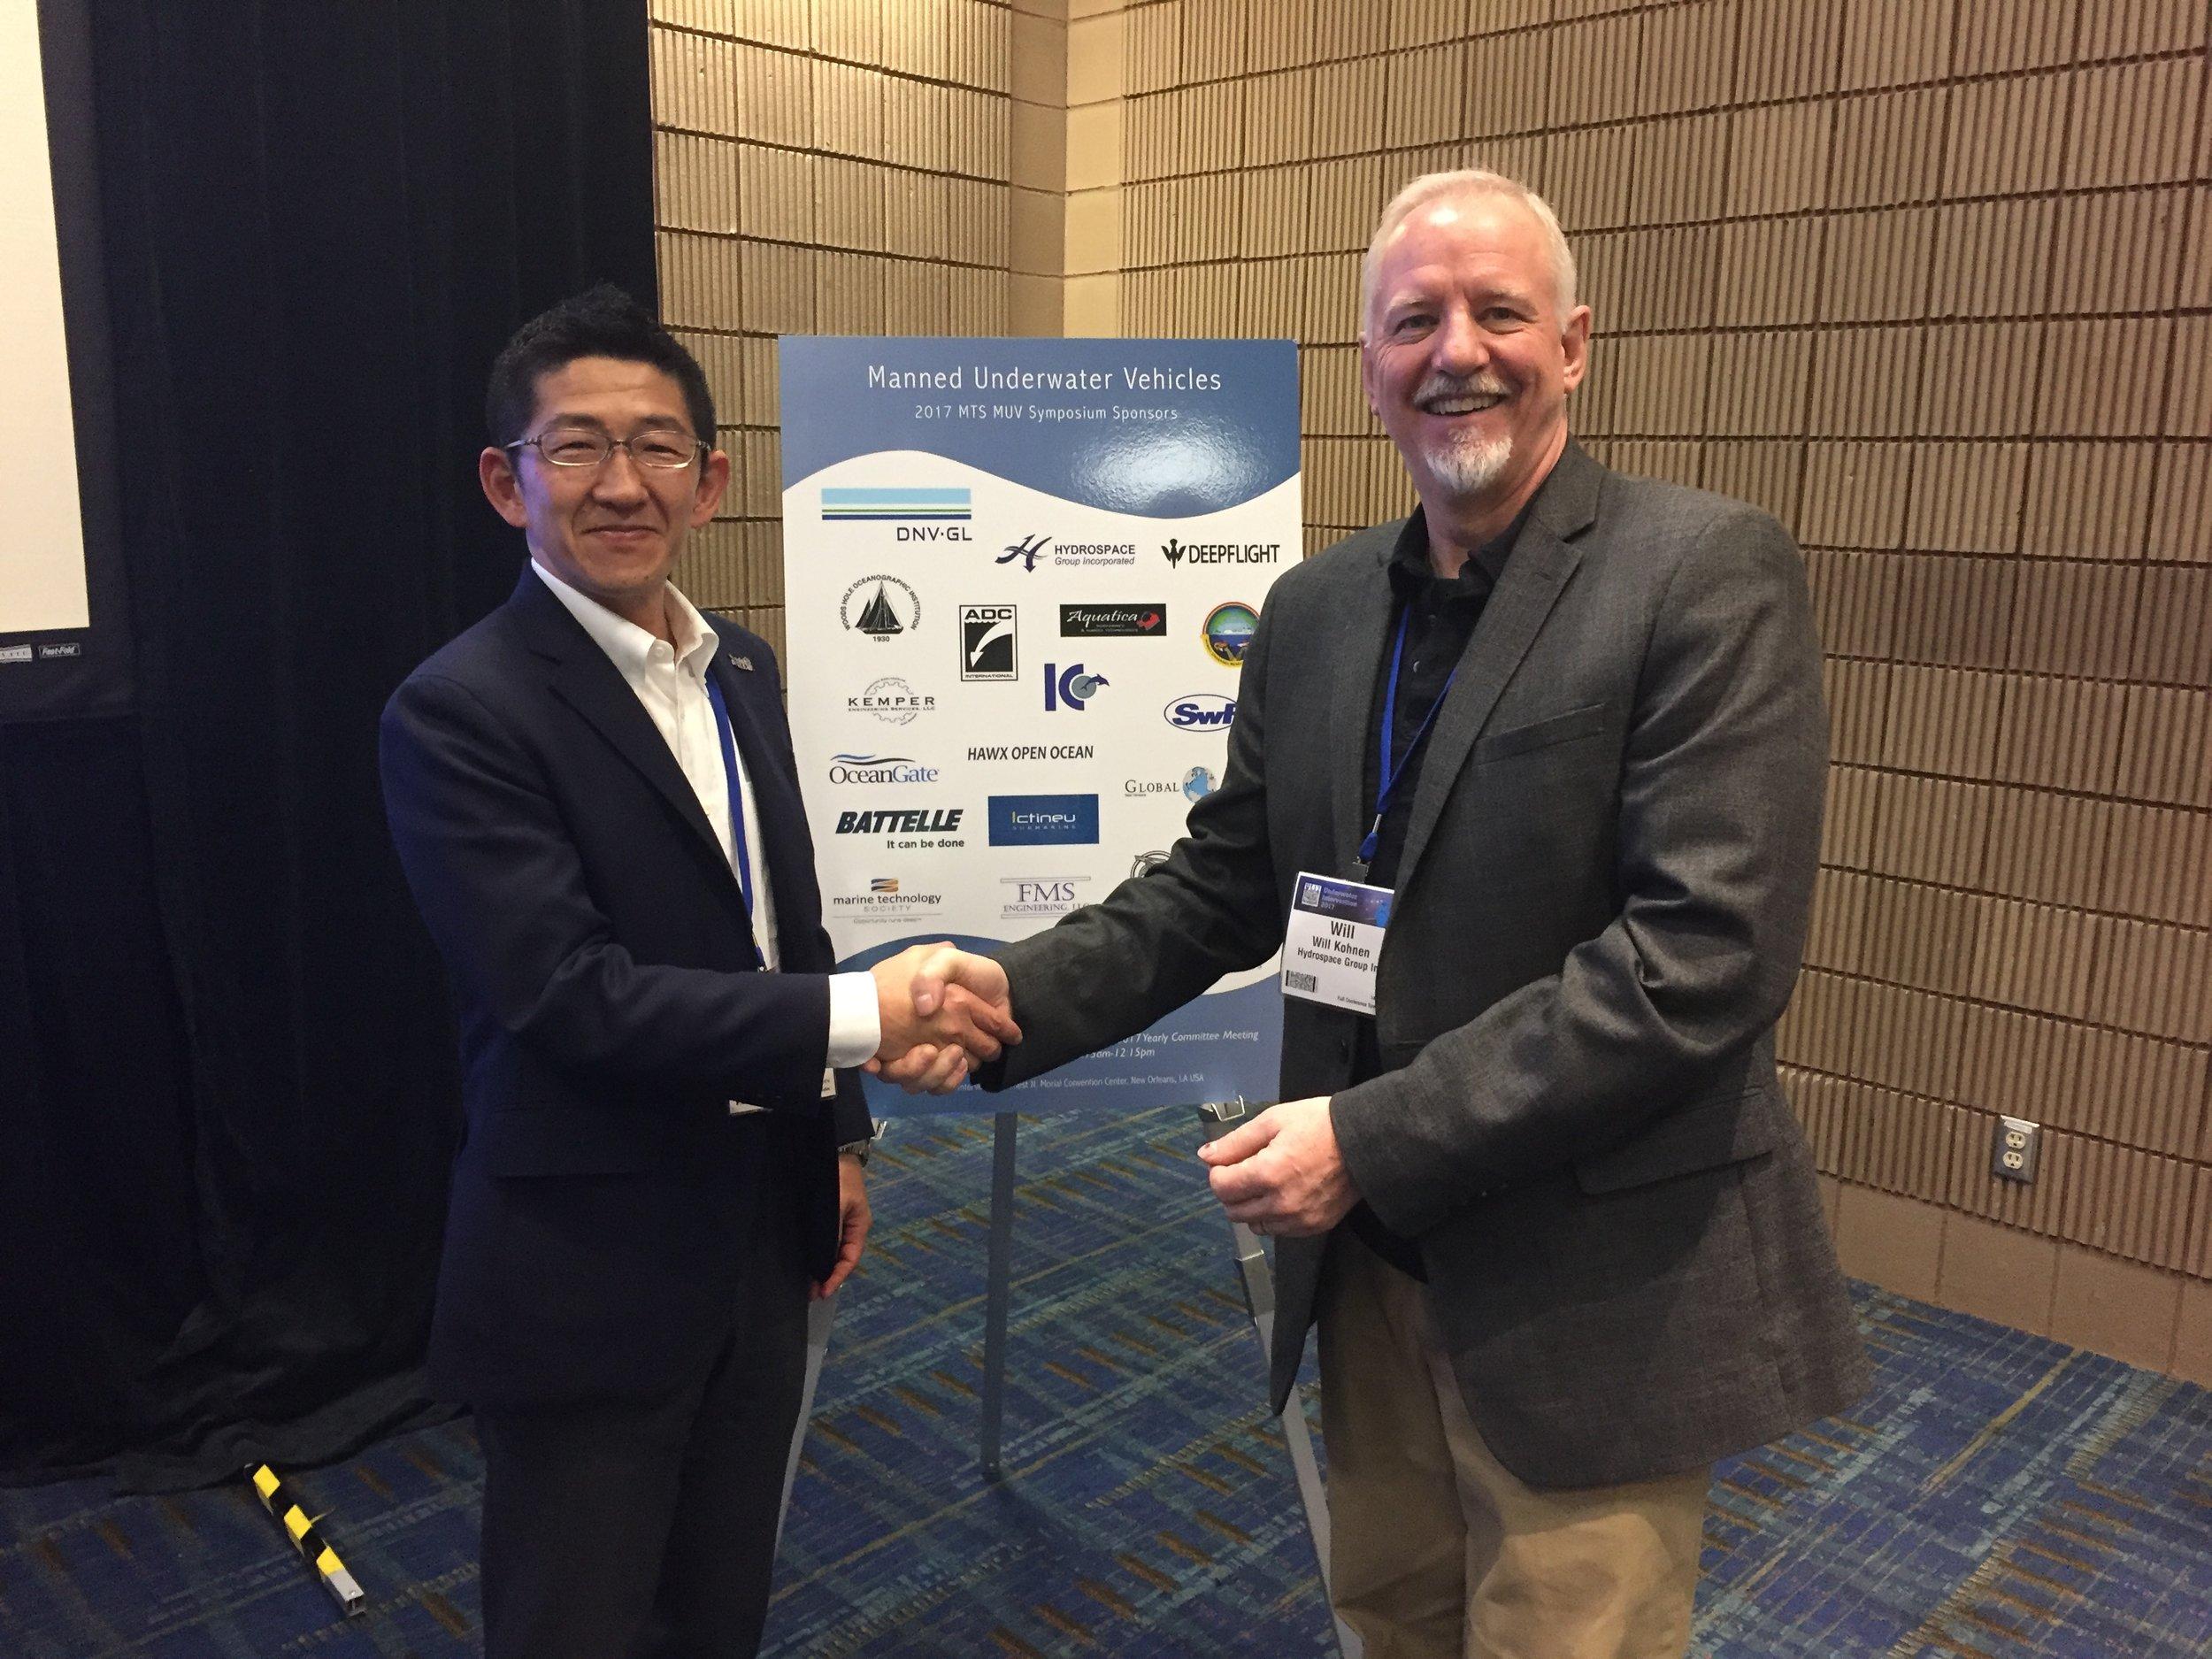 Masanobu Yanagitani, JAMSTEC, with Will Kohnen, Hydrospace Group & MUV Committee Chair